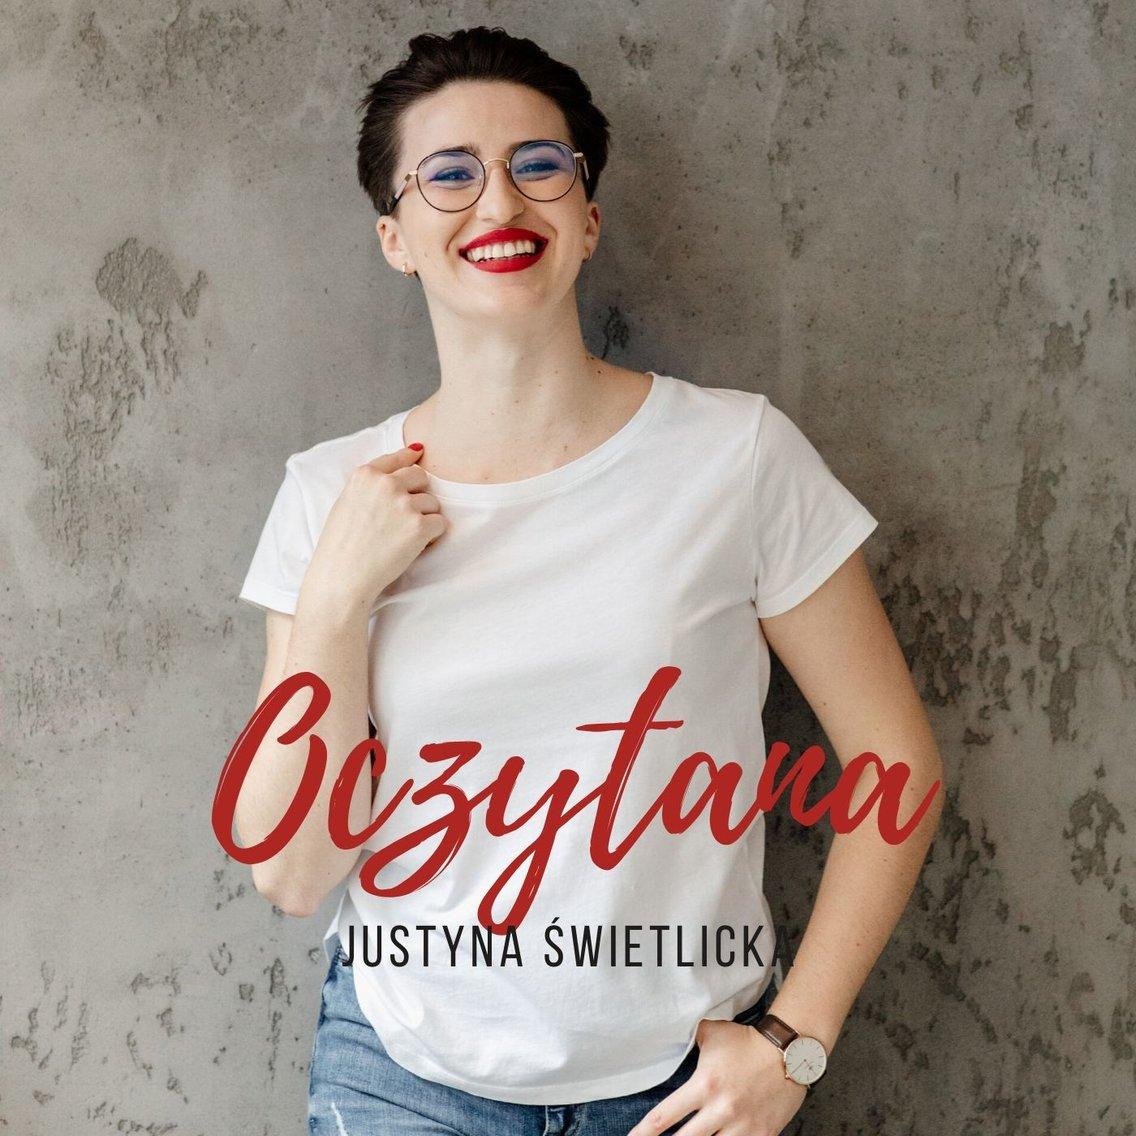 Oczytana - Cover Image